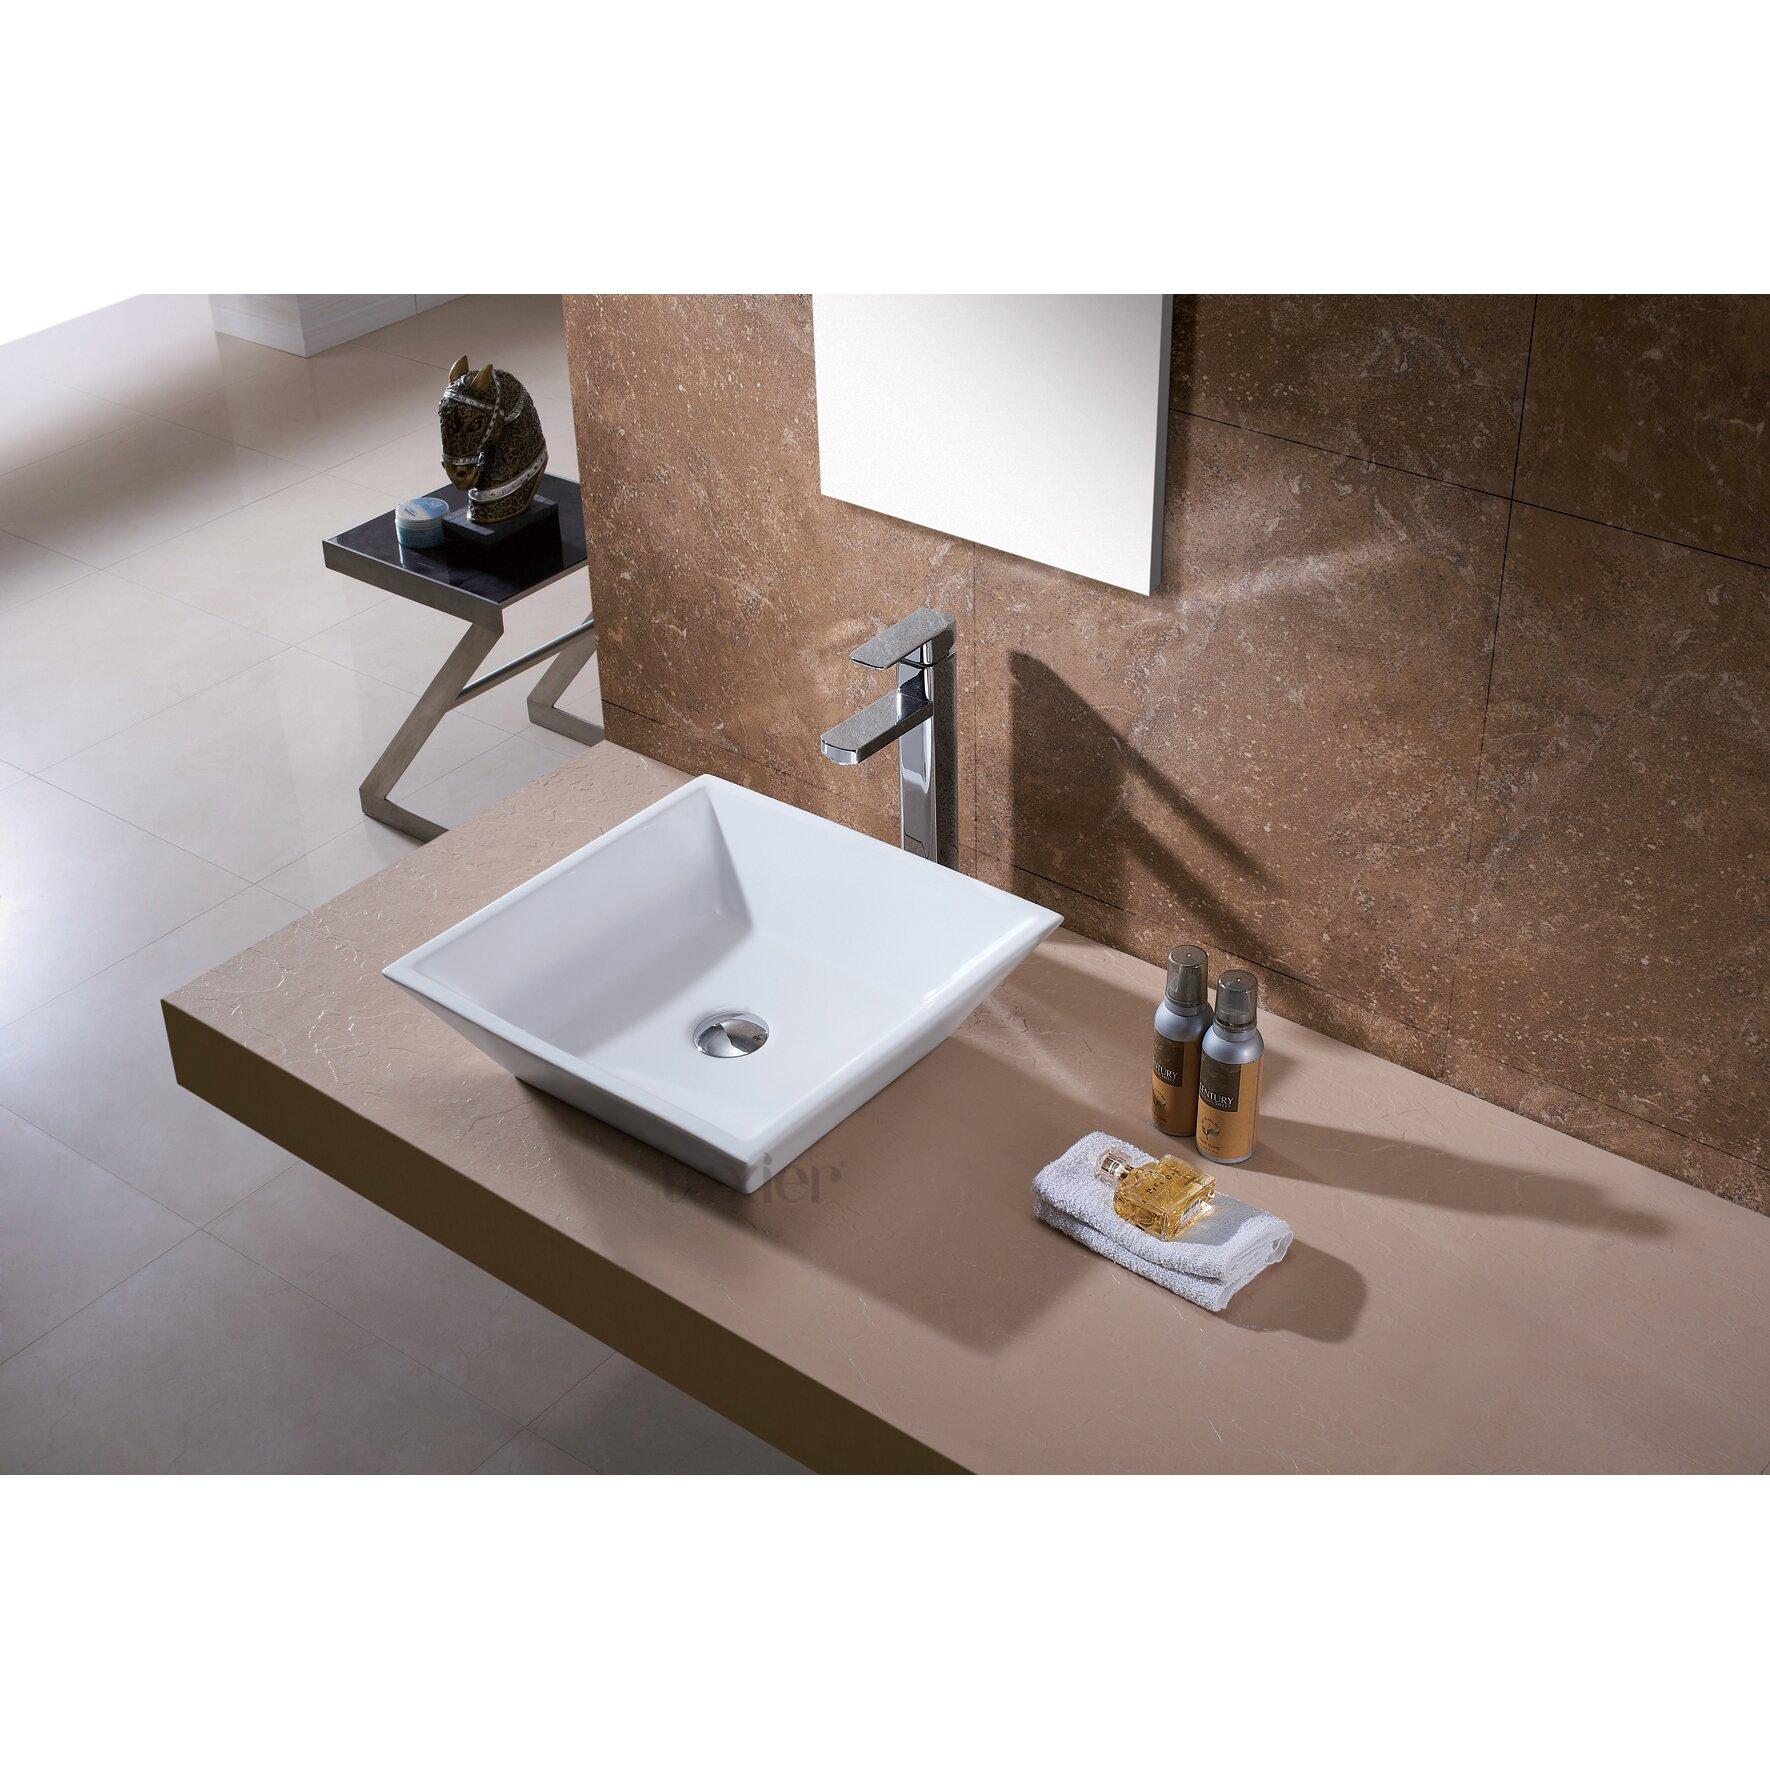 Luxier L 006 Bathroom Porcelain Ceramic Vessel Vanity Sink Art Basin Reviews Wayfair